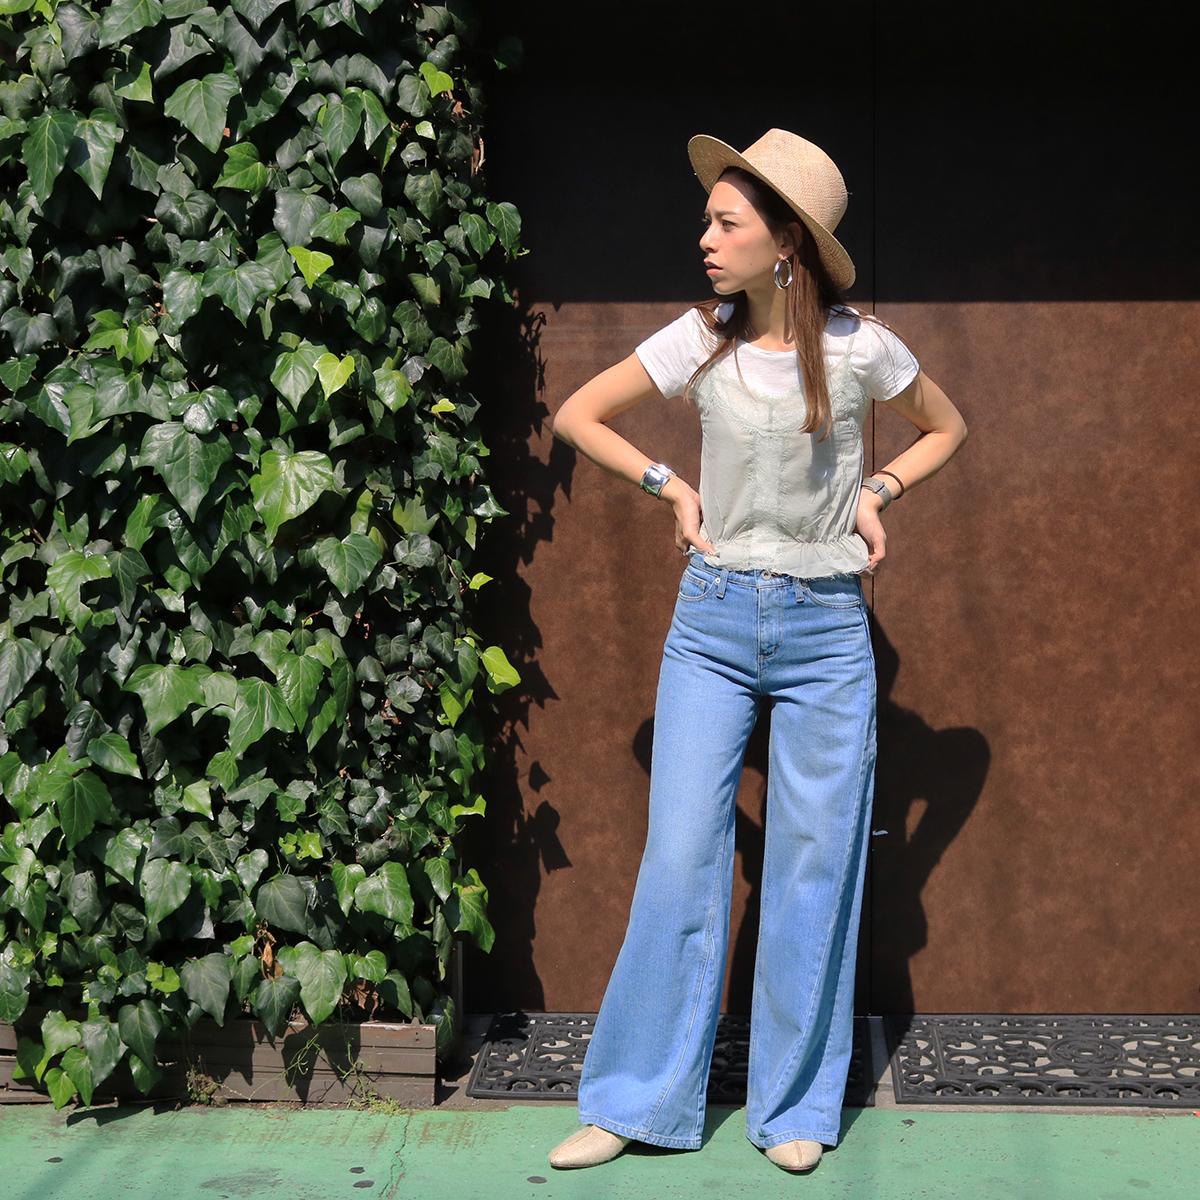 Cotton Lace Camisole